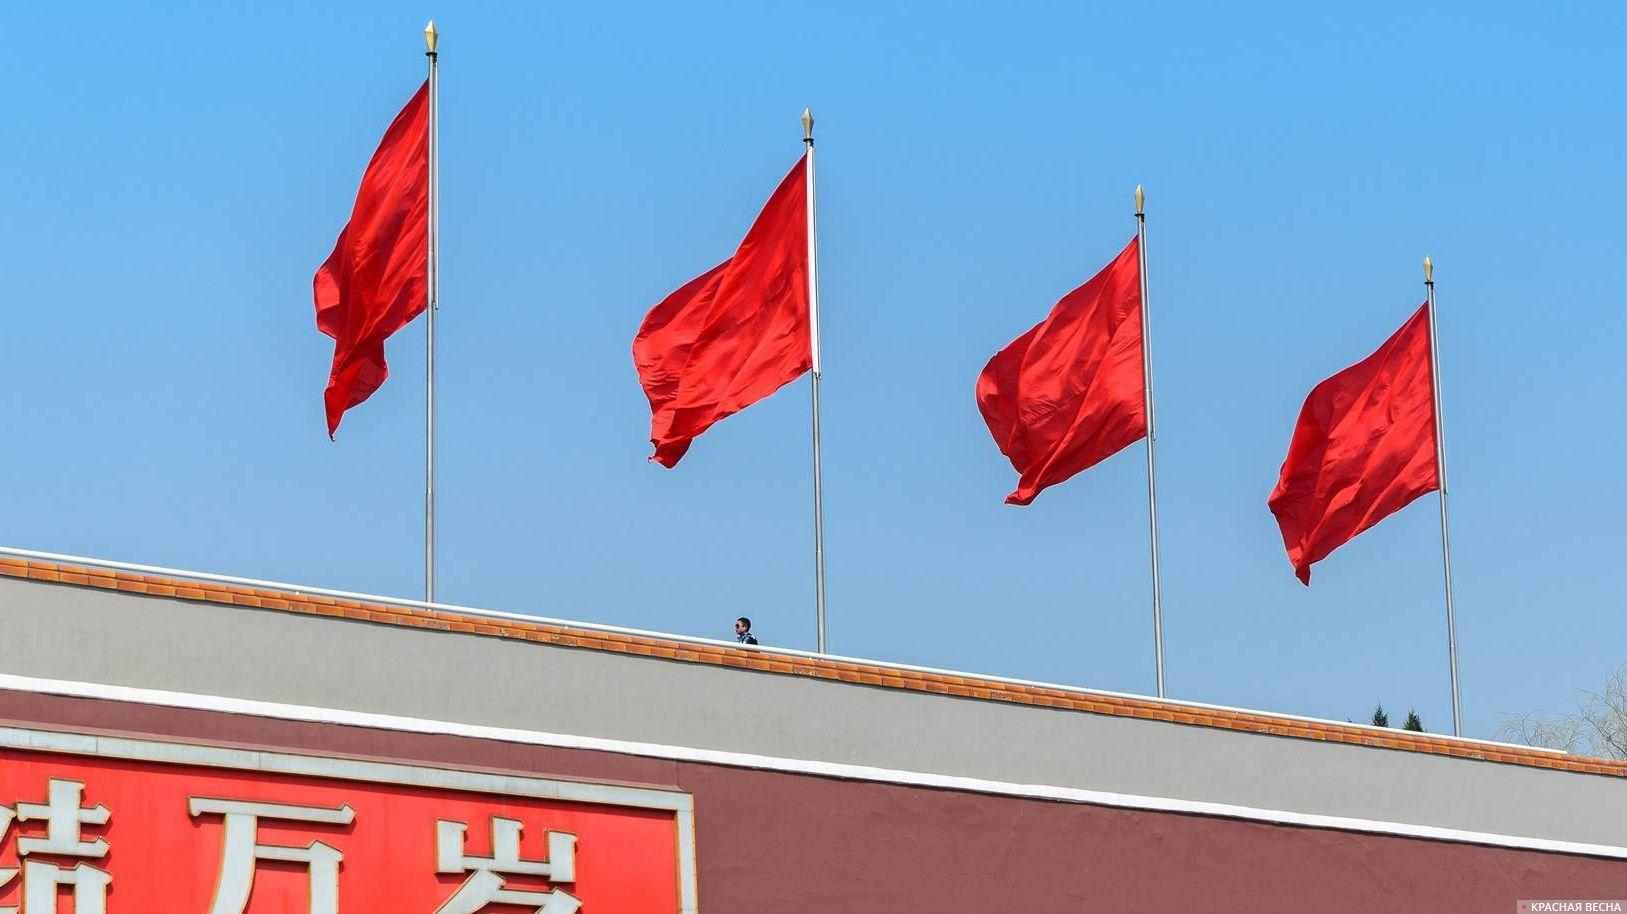 Красные флаги на Вратах Небесного Спокойствия (Тяньаньмэнь), Пекин, Китай. 25.03.2013